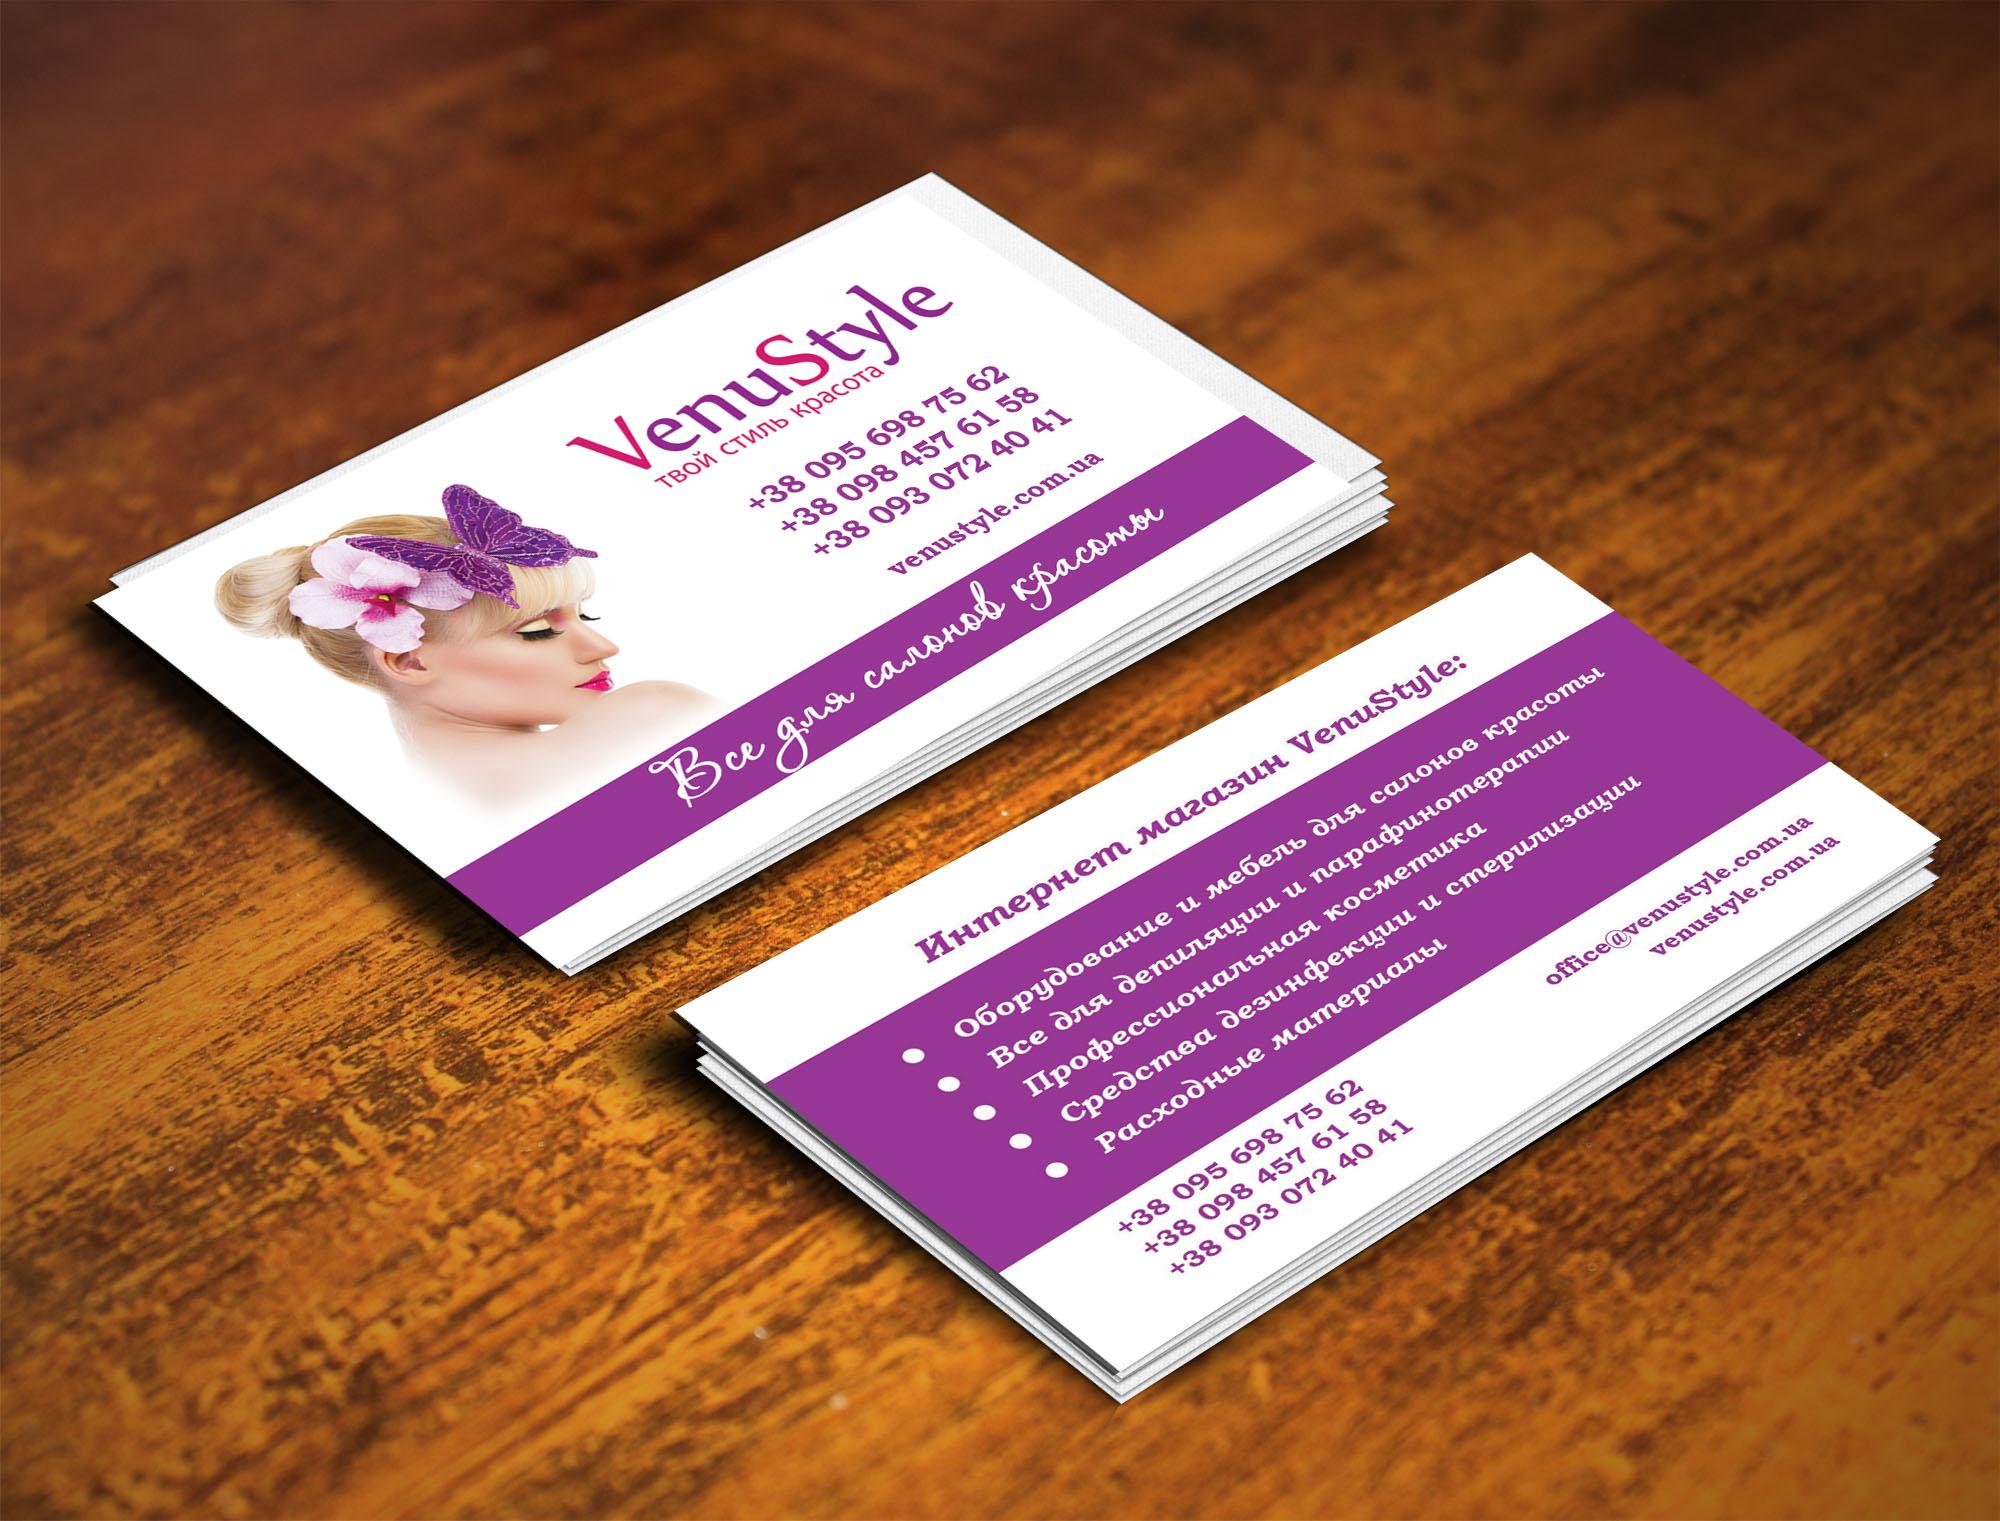 Как создать визитку: советы по дизайну, полезные сервисы 27